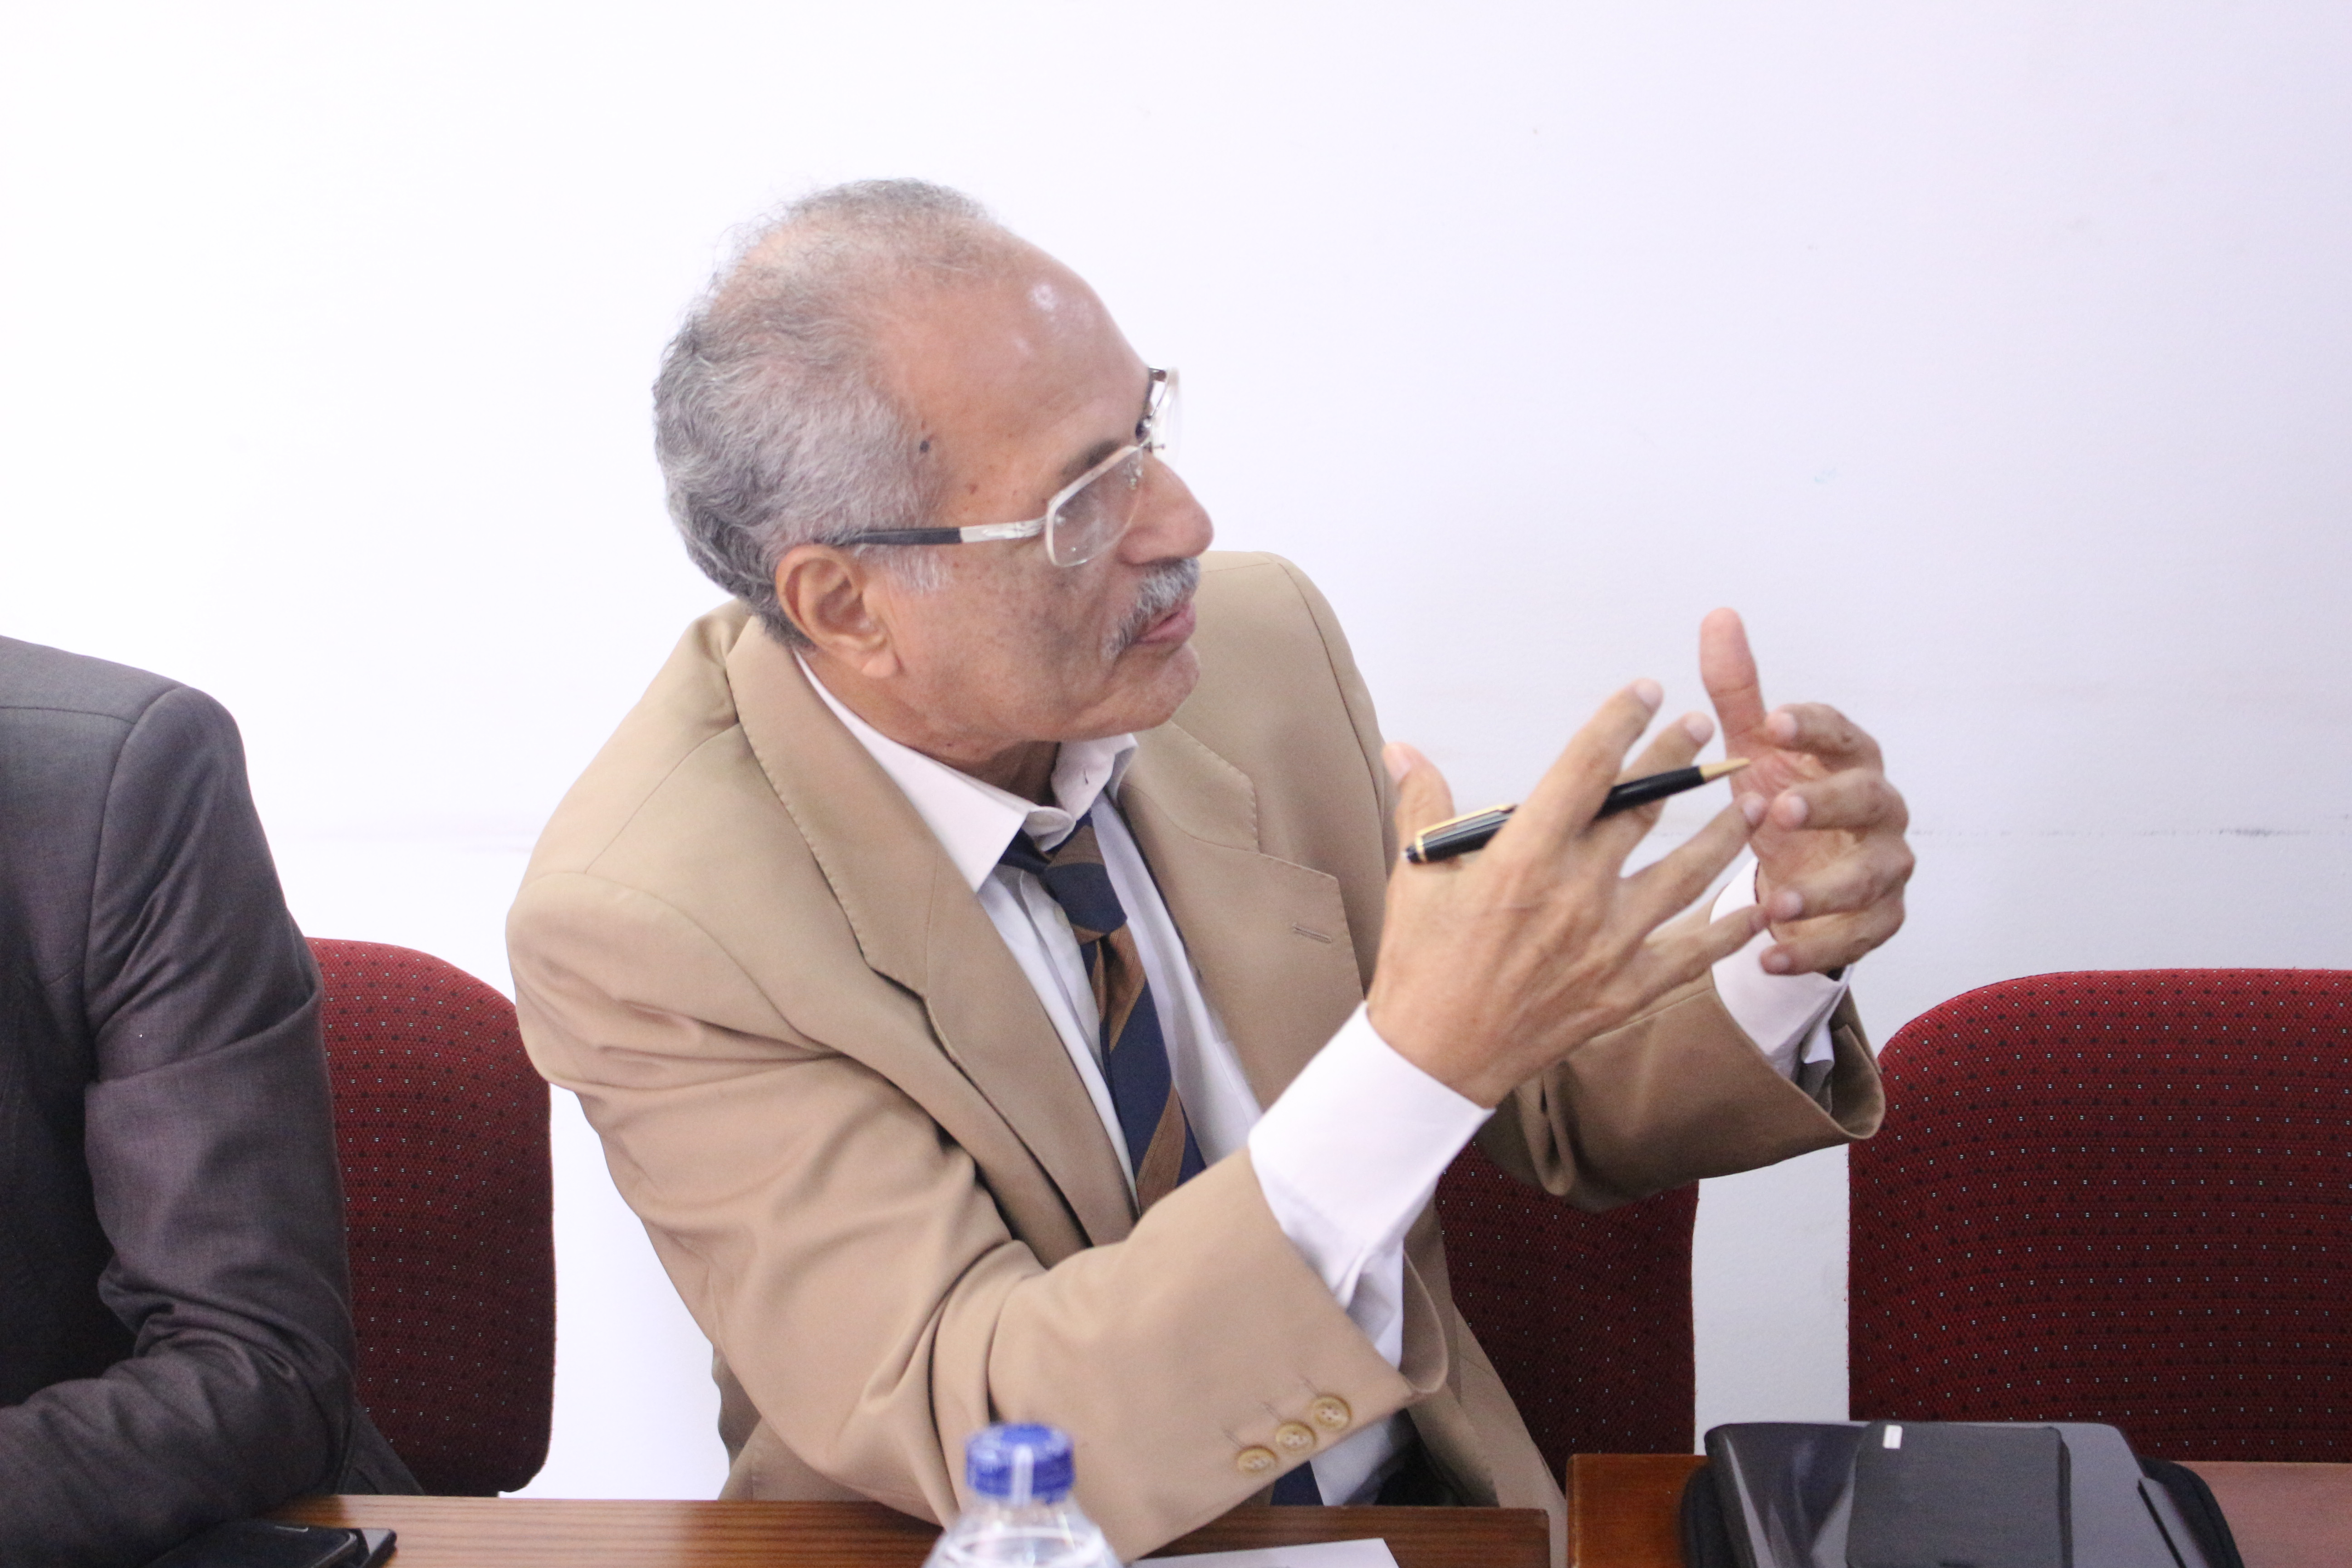 أحد المشاركين بجلسة الحواجز التجارية غير الجمركية فى مصر